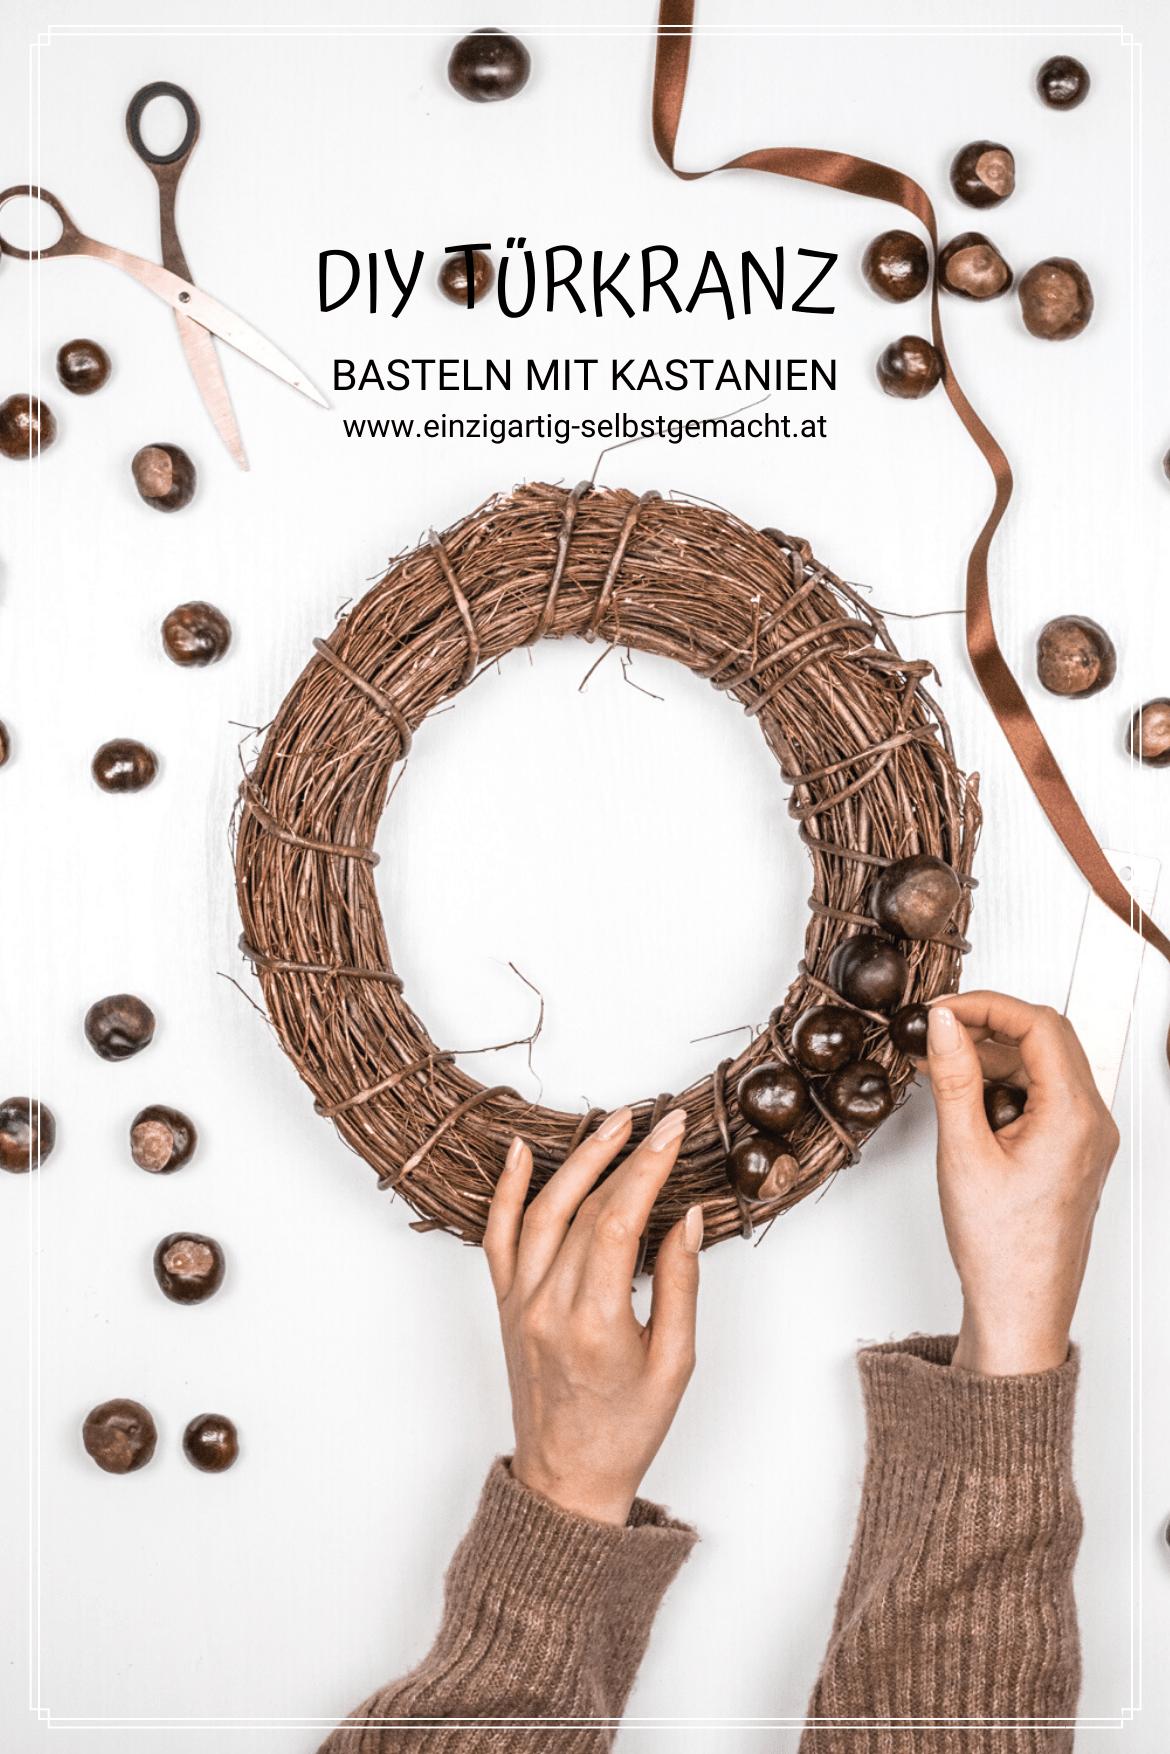 basteln-mit-kastanien